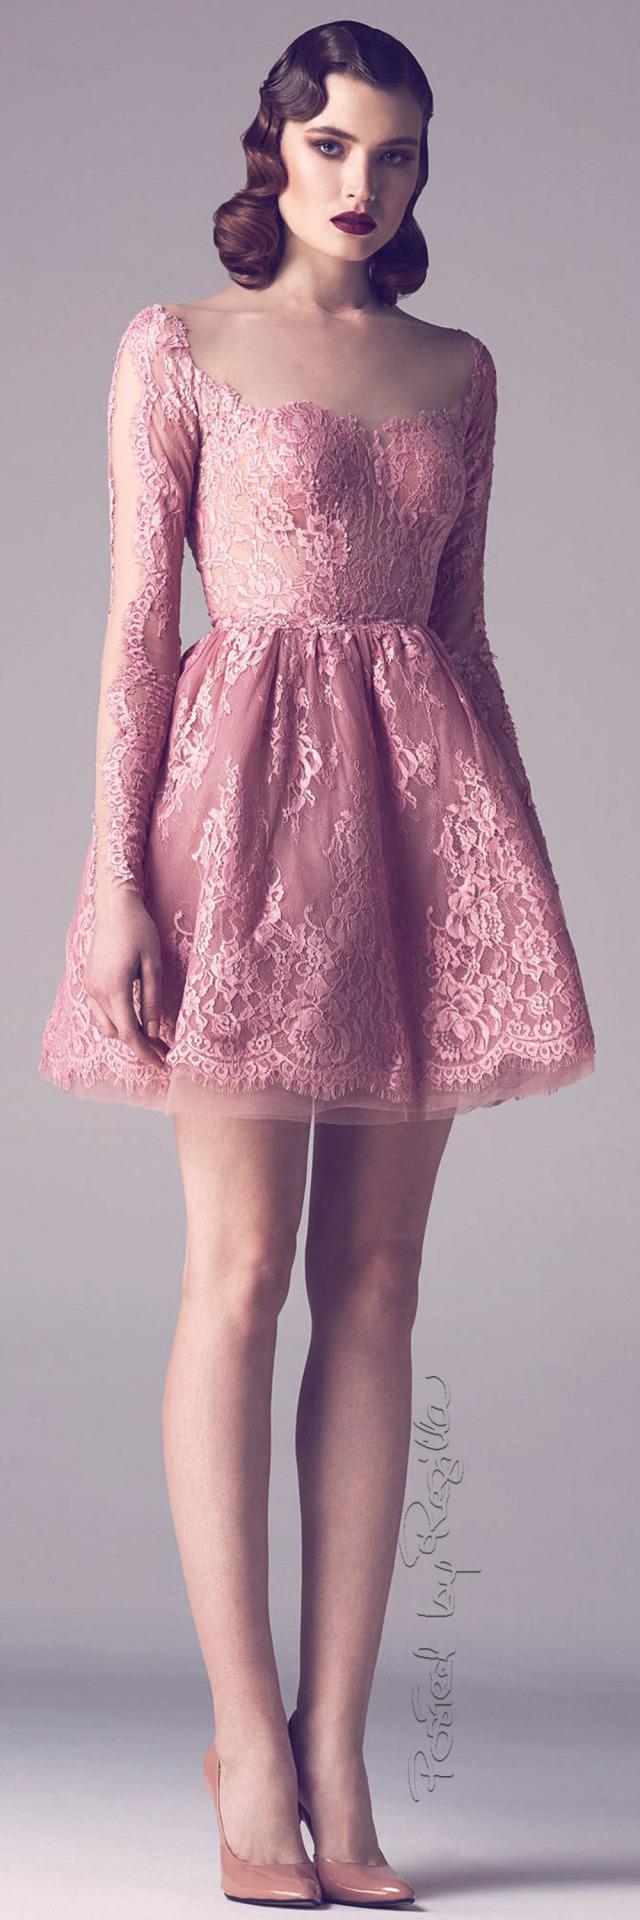 Regilla ⚜ Una Fiorentina in California | Vêtements et accessoires ...